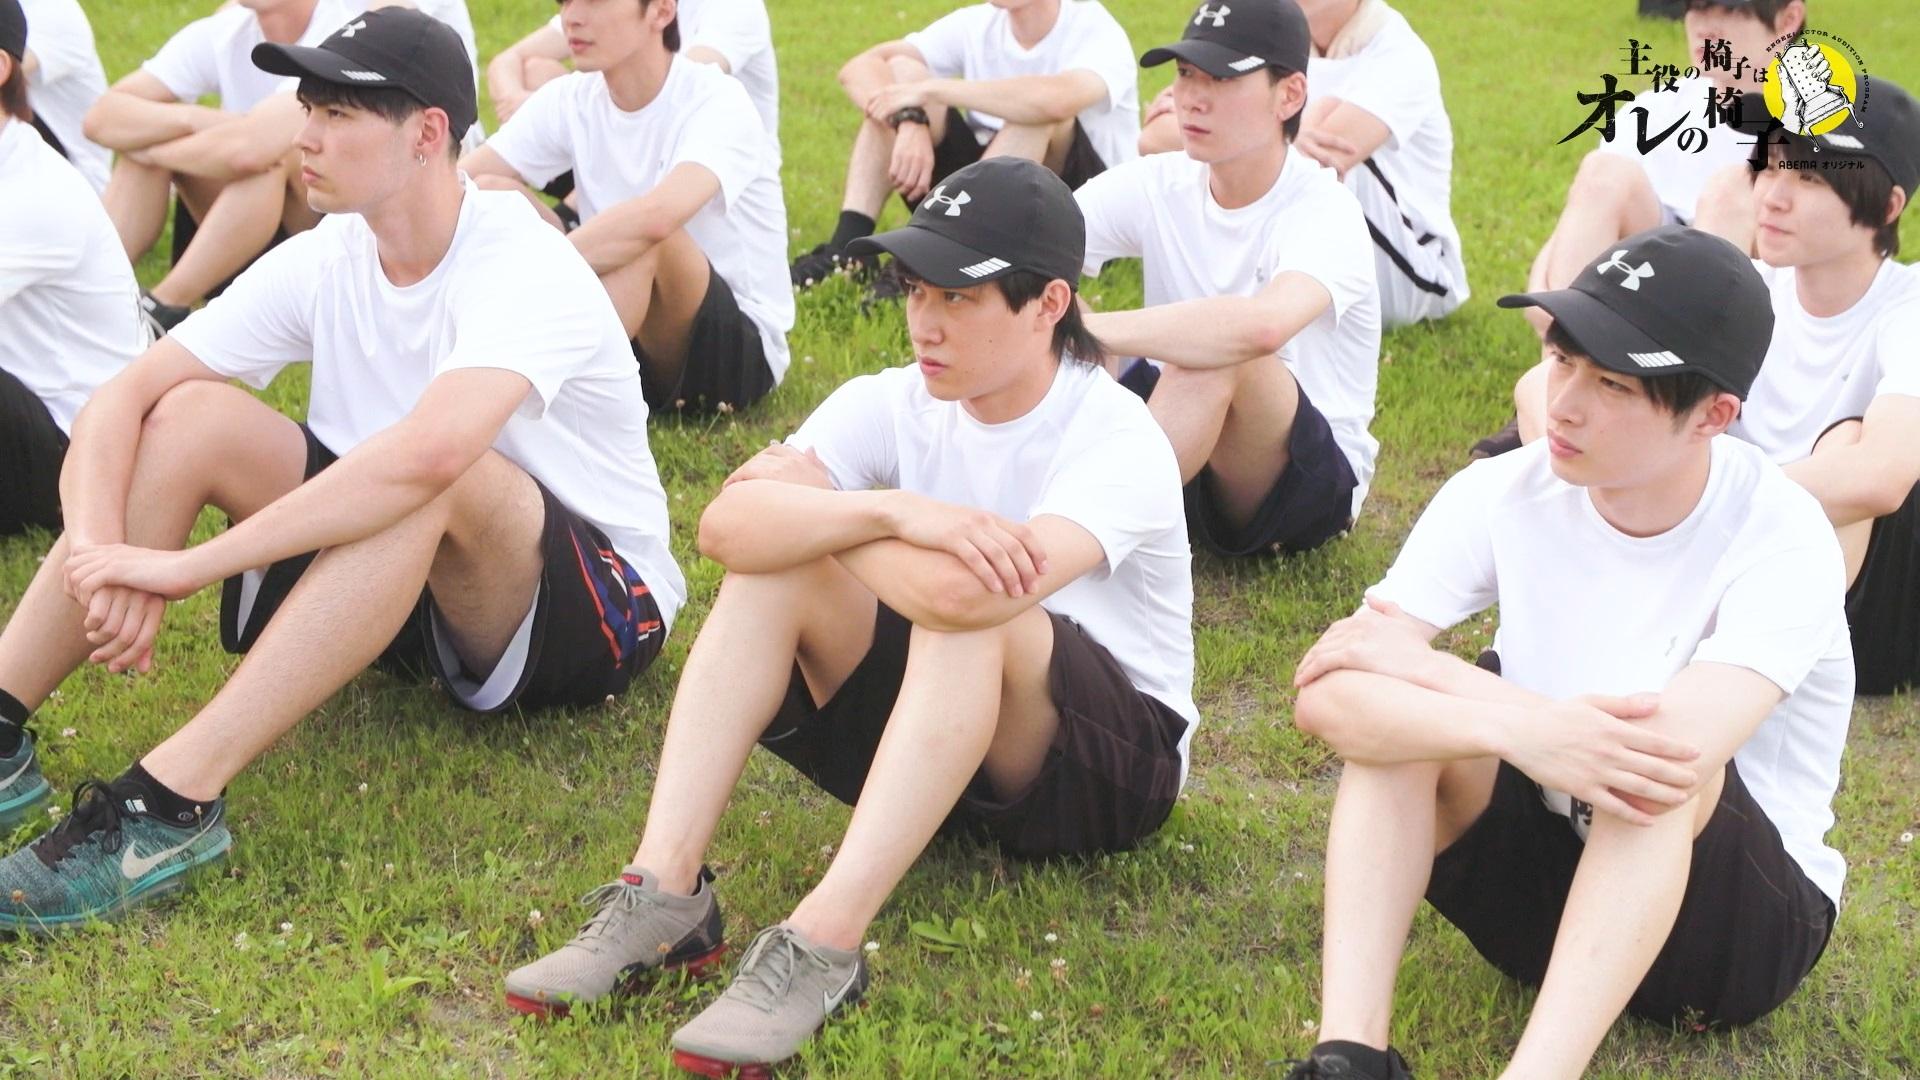 体力審査で最年少・清水田龍が圧倒的な強さを見せる 「オレイス」第2話レポート イメージ画像